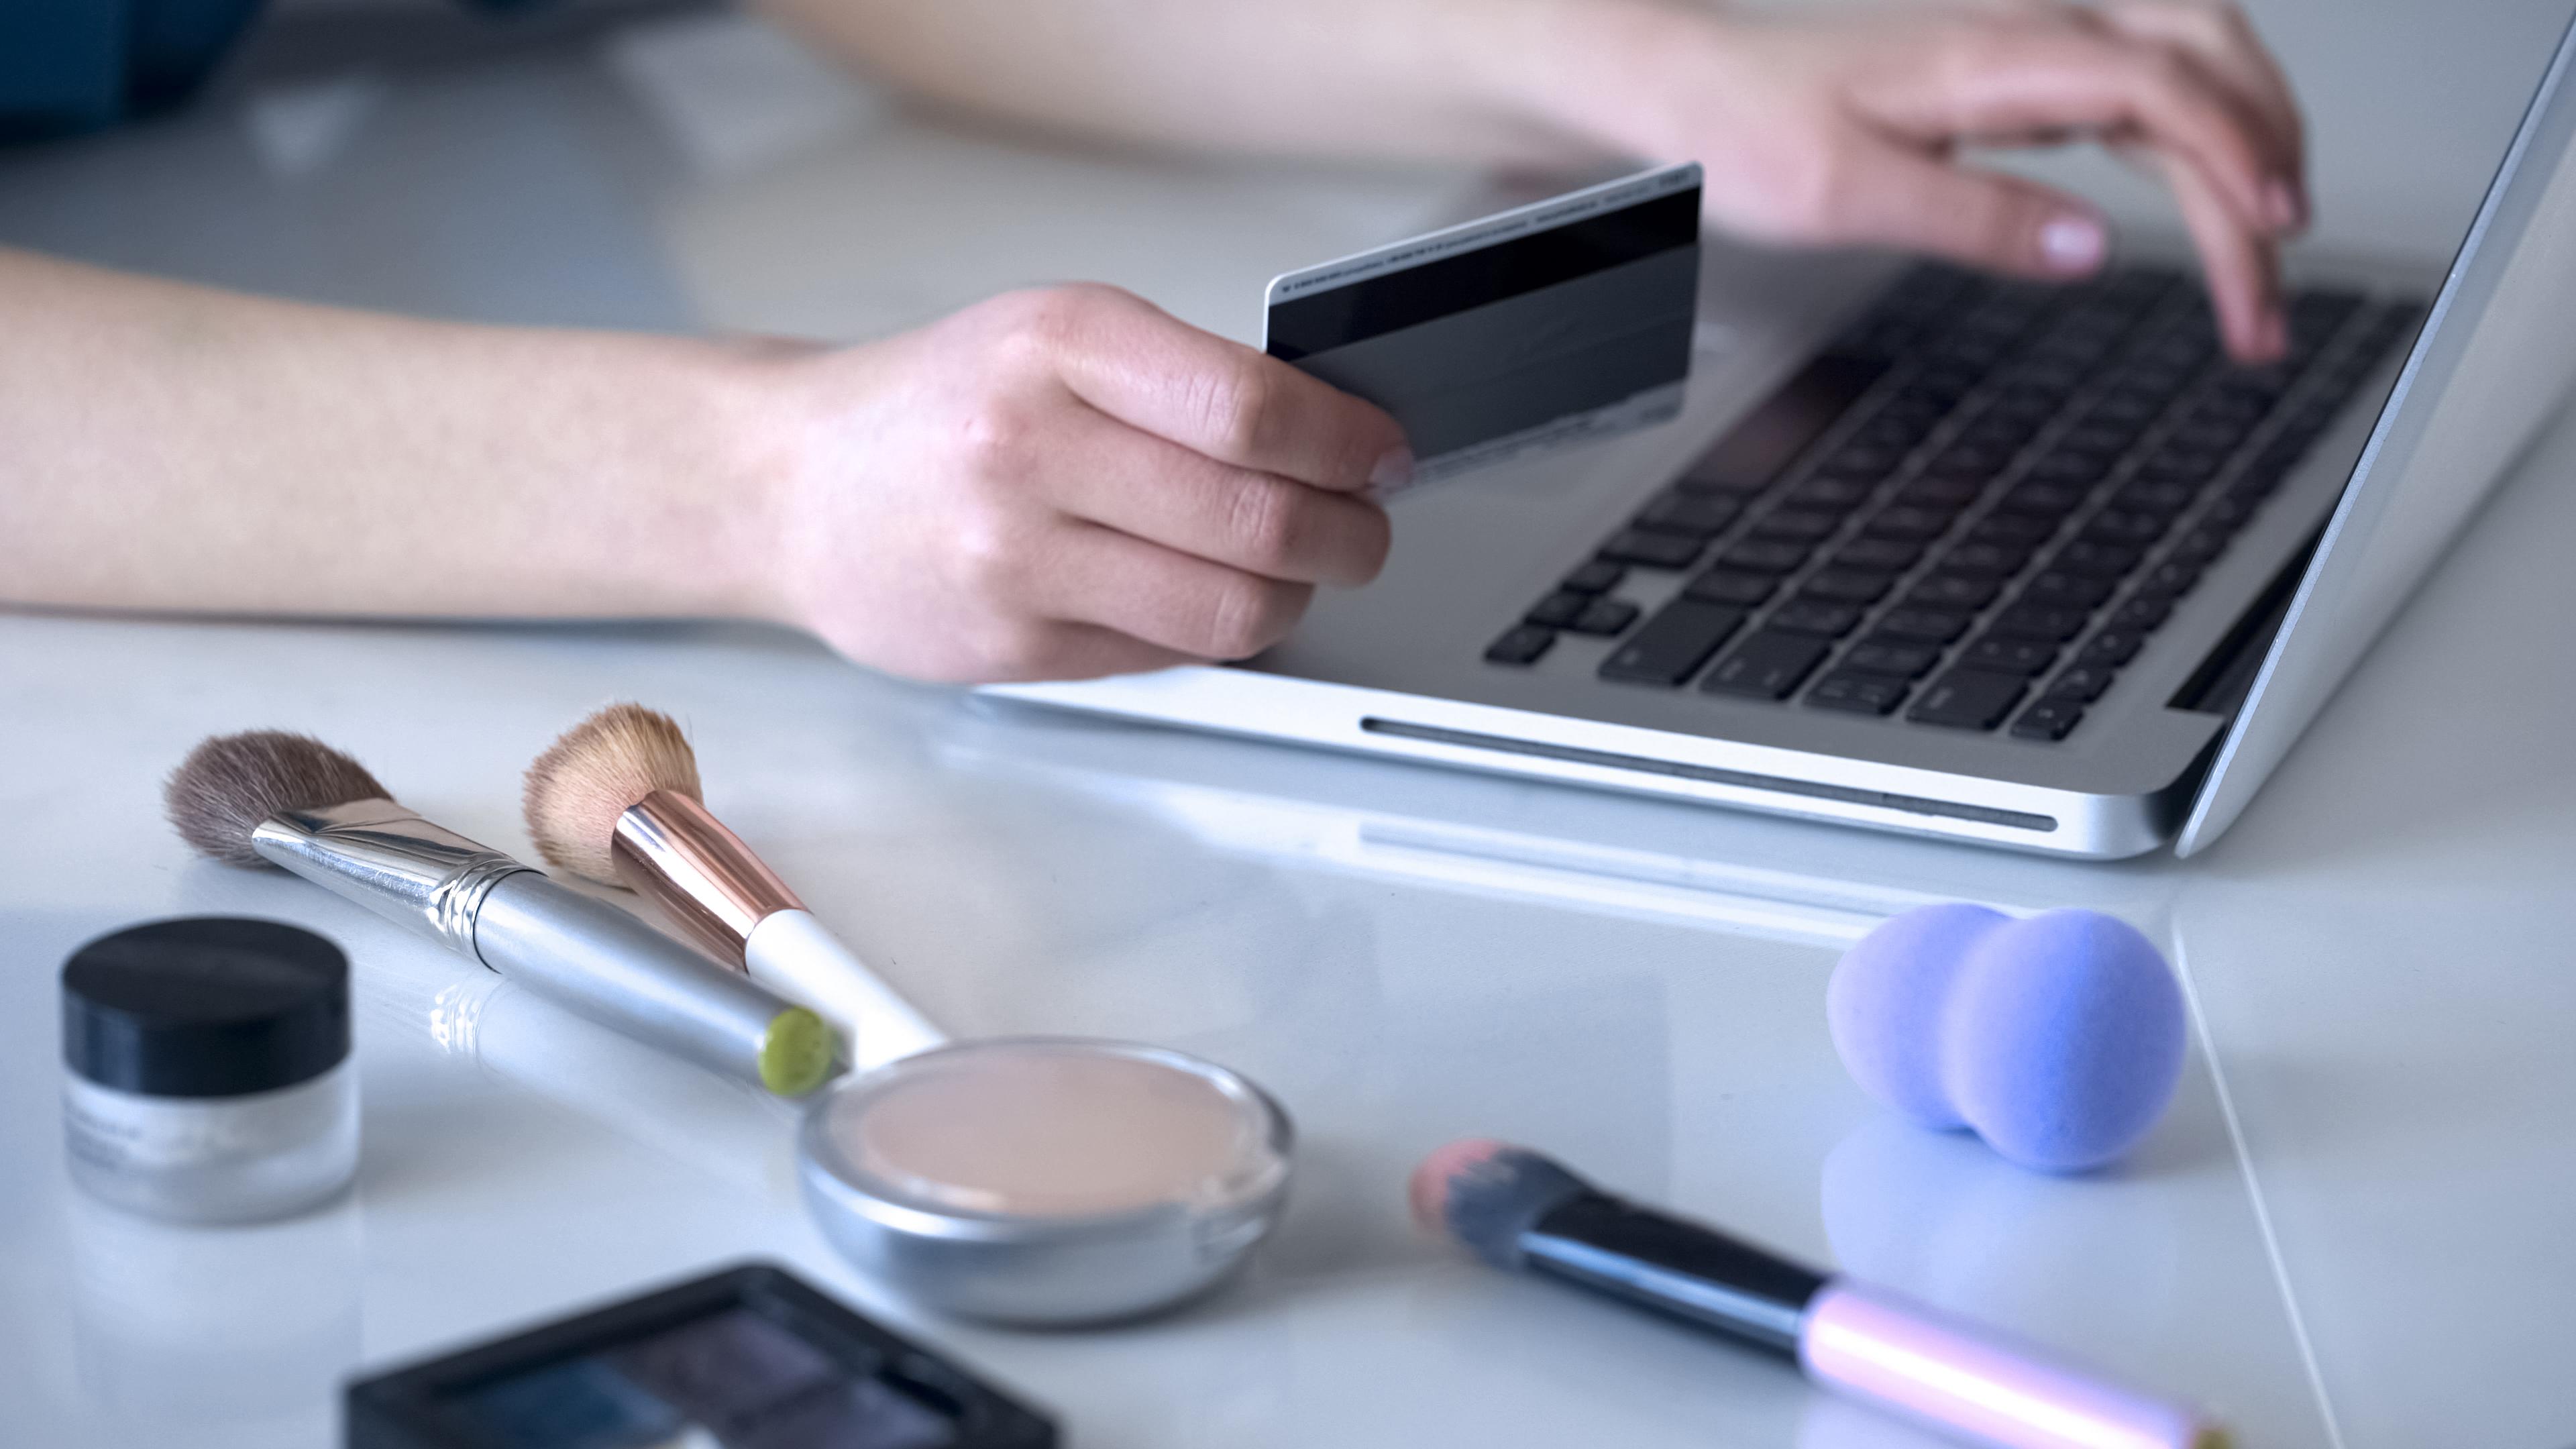 Webhandel av kosmetika medför vissa risker